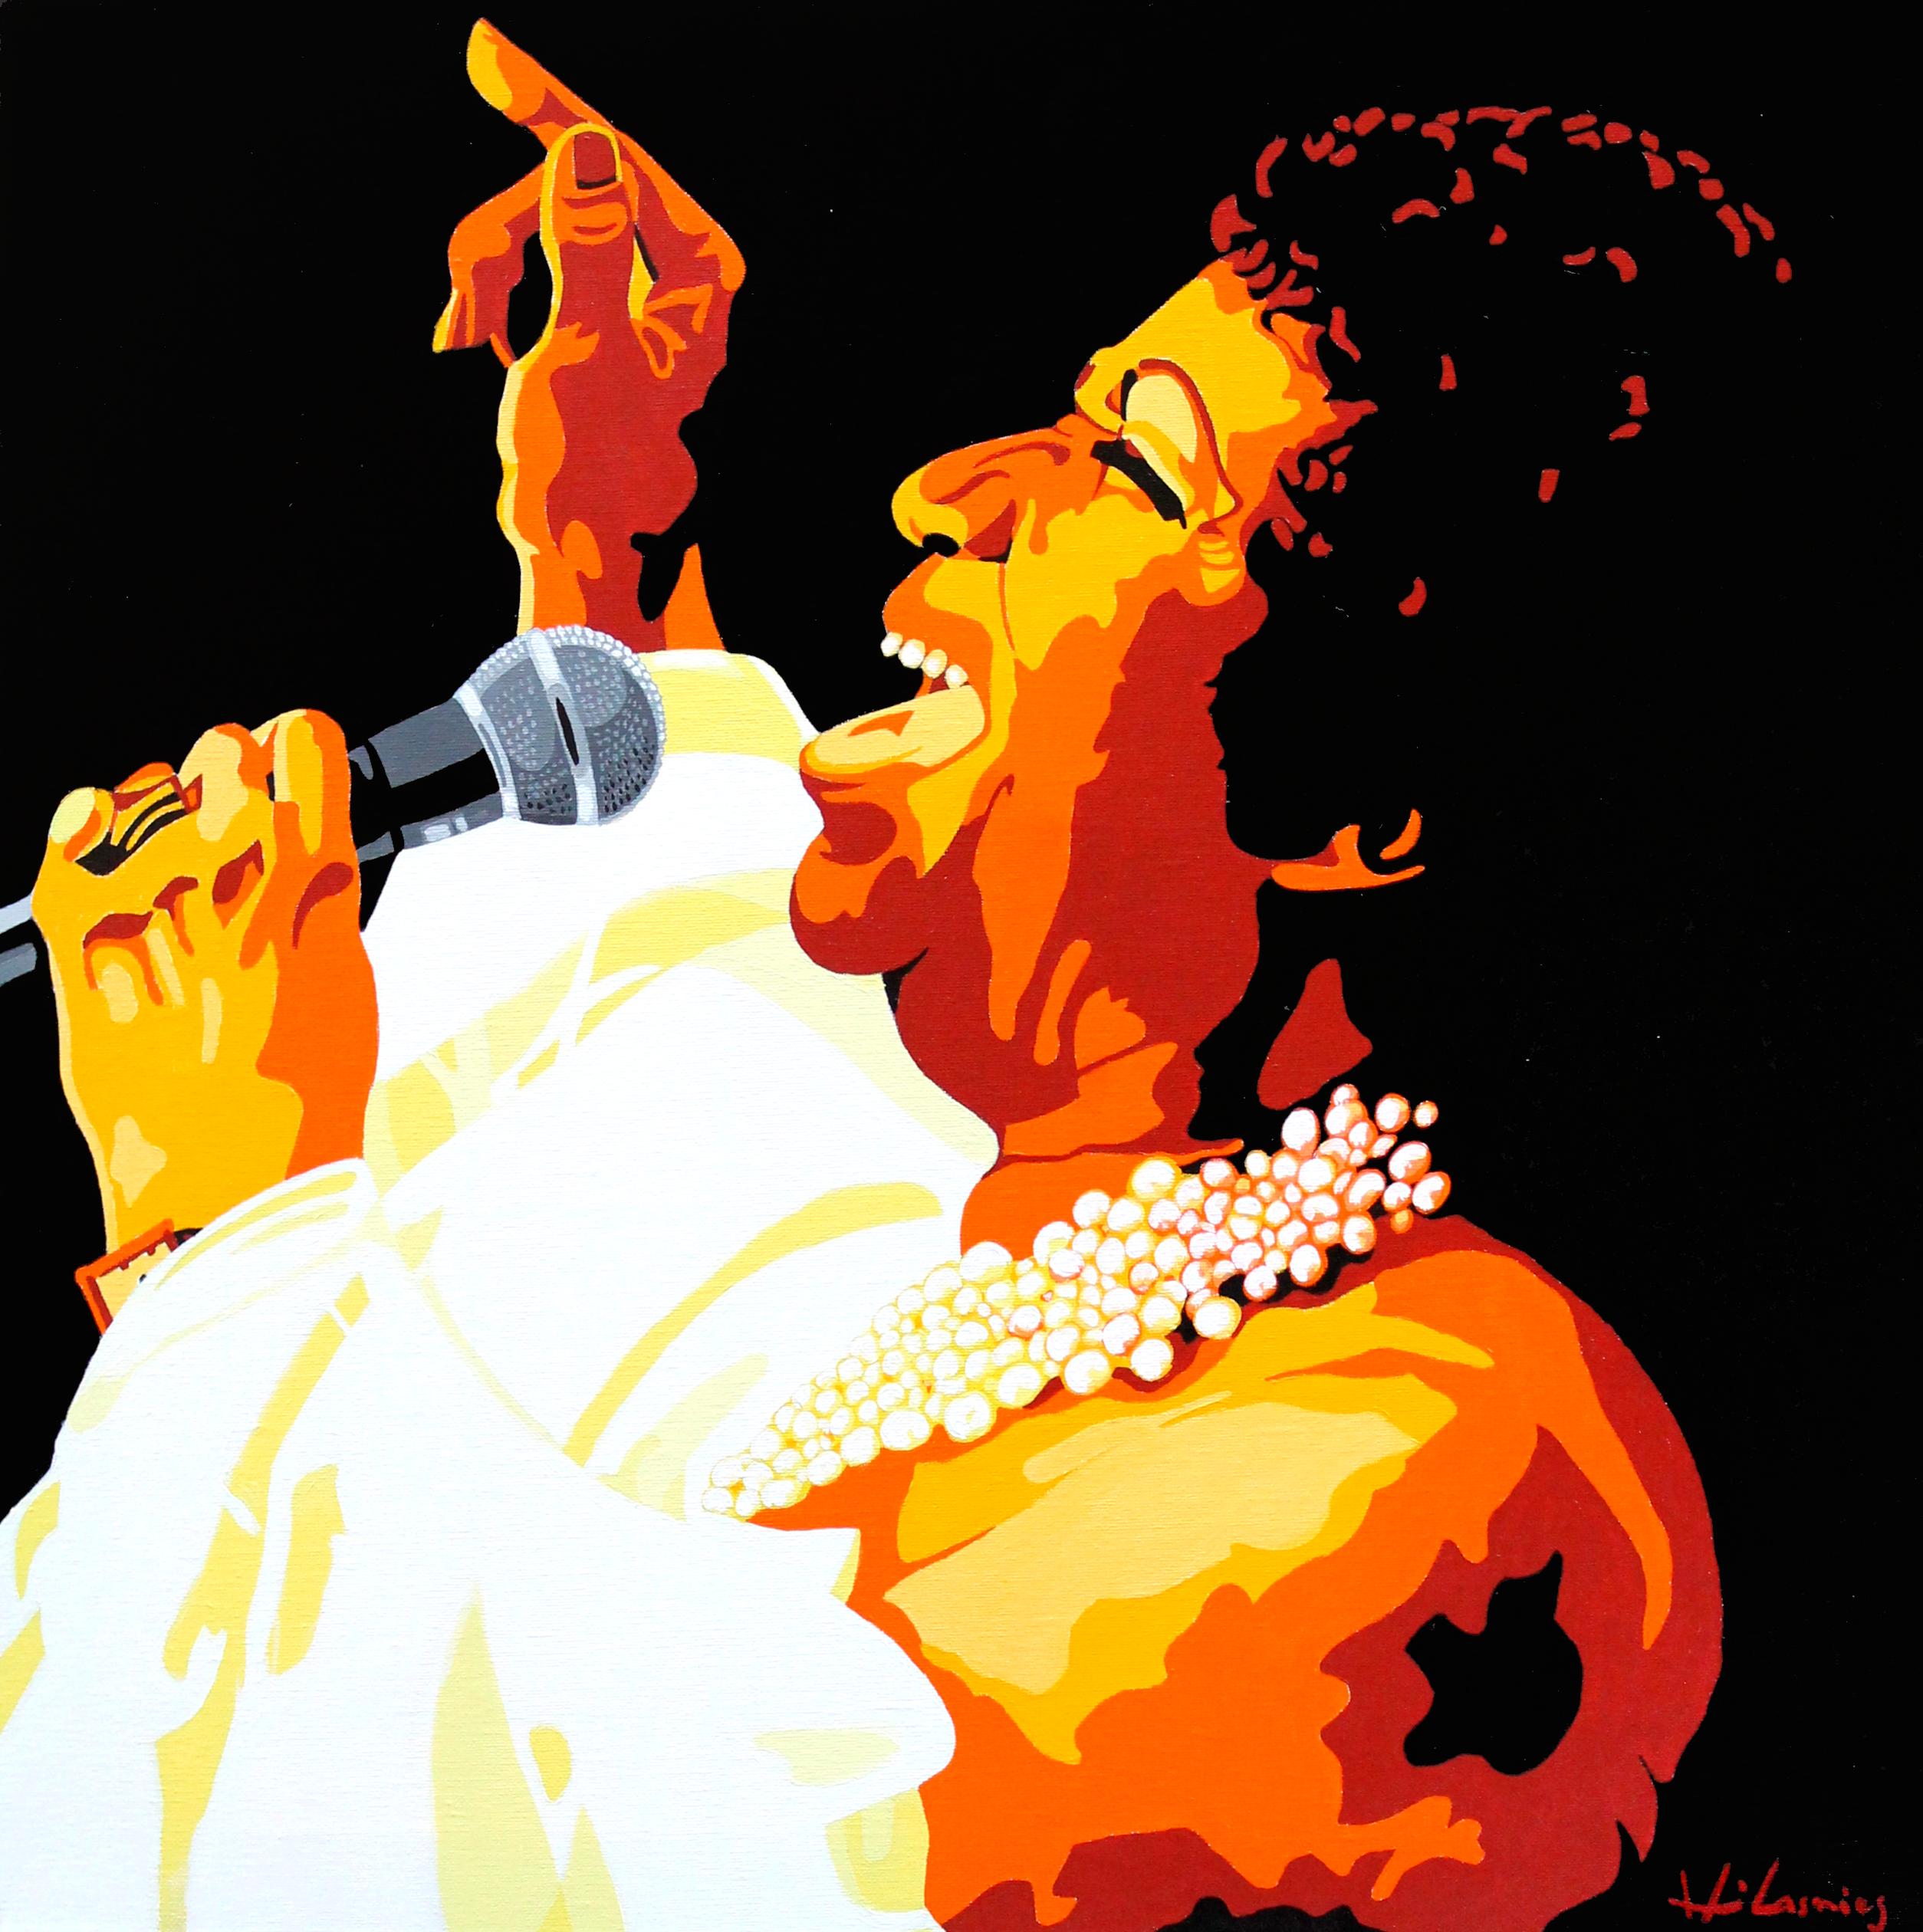 """""""Madame Franklin"""" - Aretha Franklin par Hervé Lasnier. Acrylique sur toile. 60x60 cm  https://www.instagram.com/hervelasnier_artistepeintre/  Aretha Franklin / singer / voice / jazz / couleur / chanteuse / Hervé Lasnier / Art / Music"""